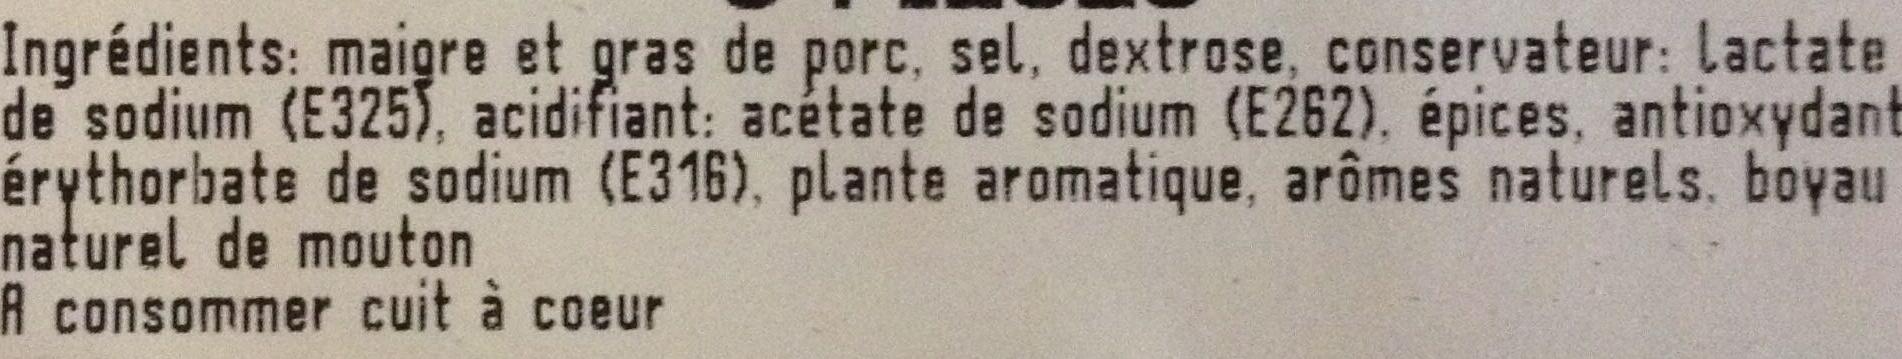 Saucisses sans colorant 6 pièces - Ingrédients - fr